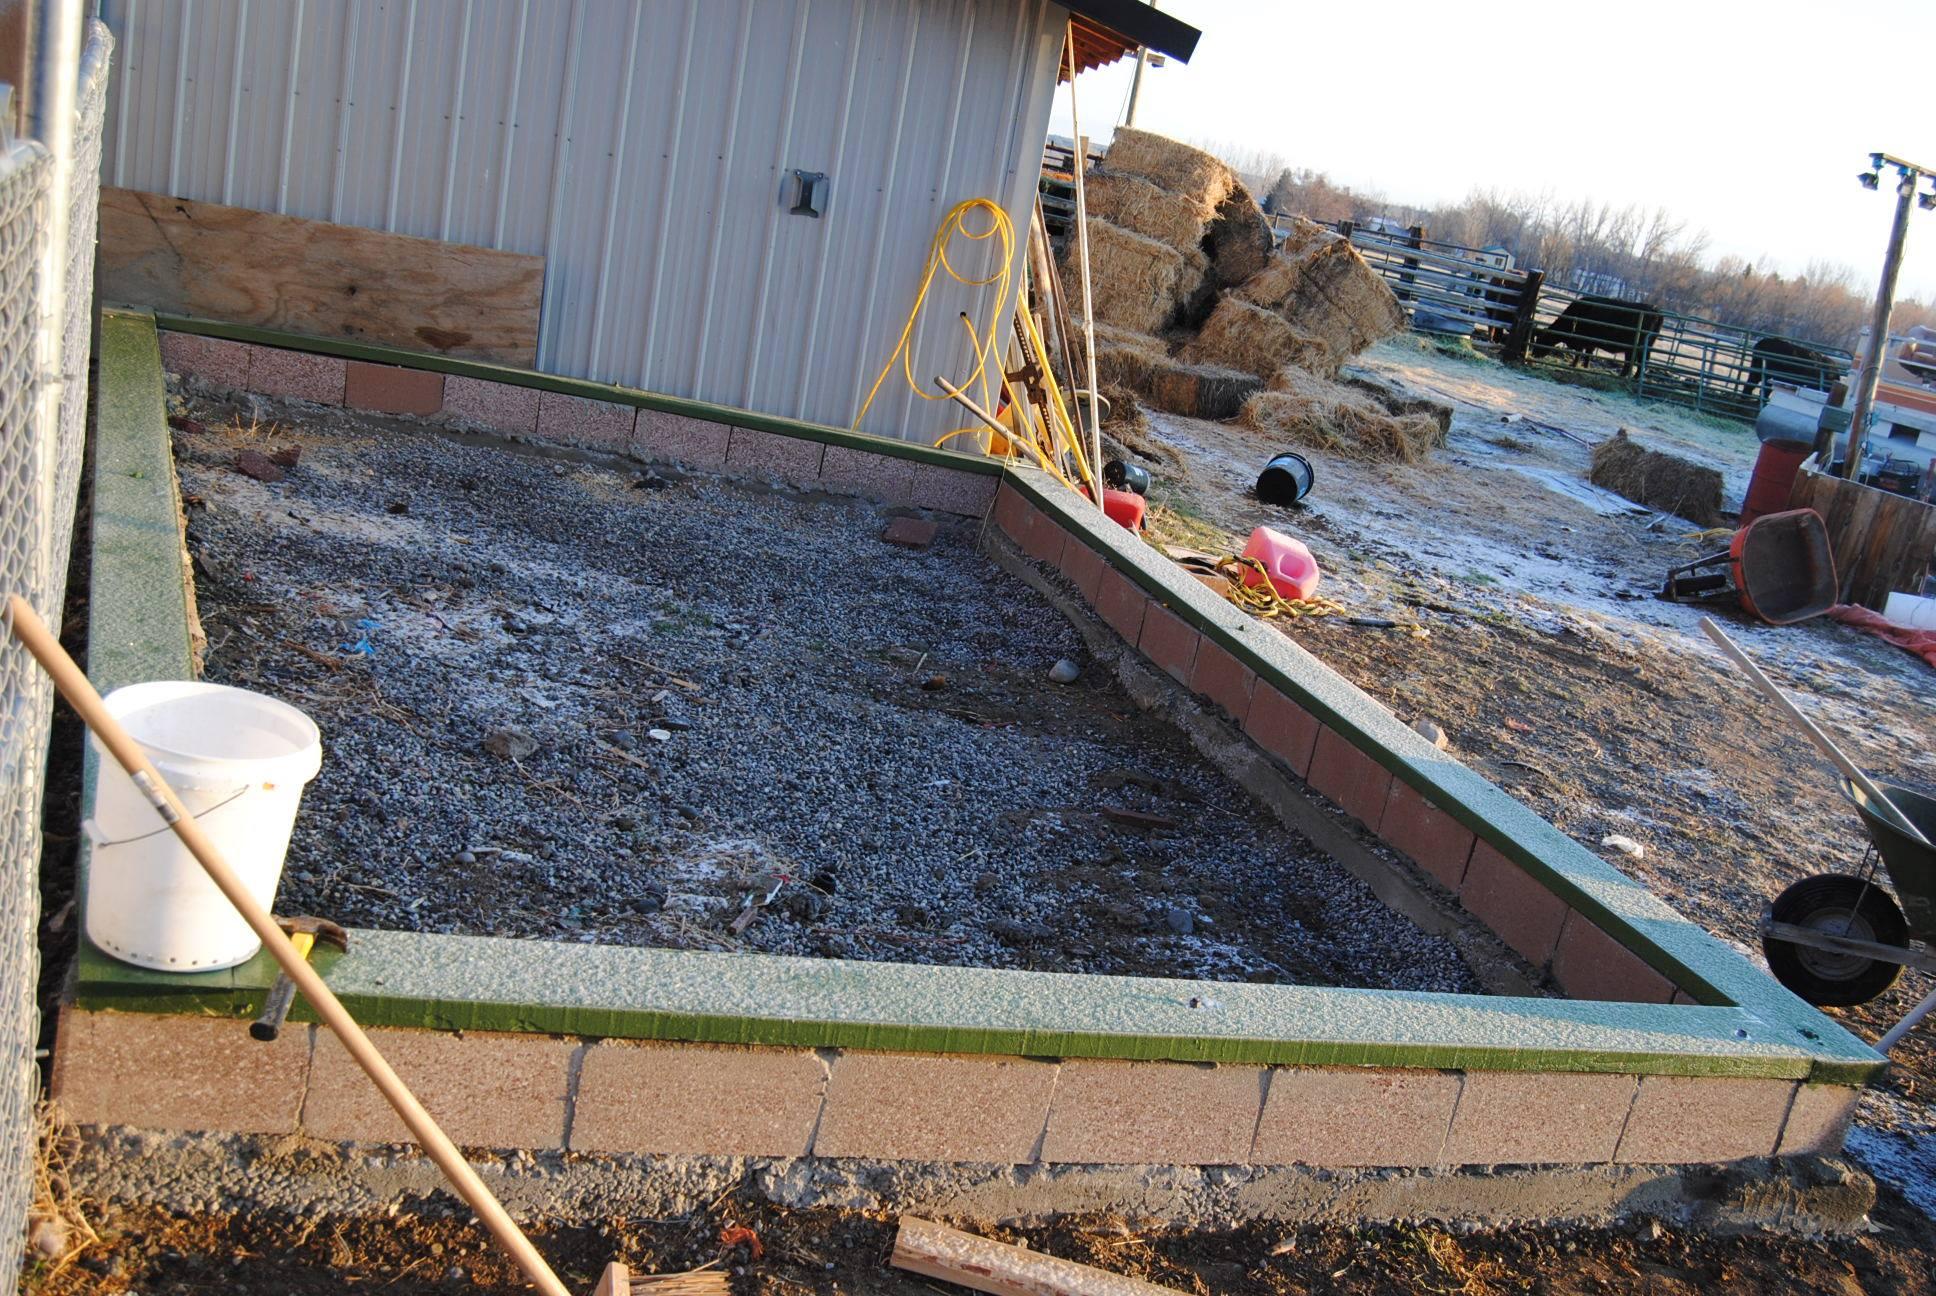 greenhouse garden plants starter seedlings